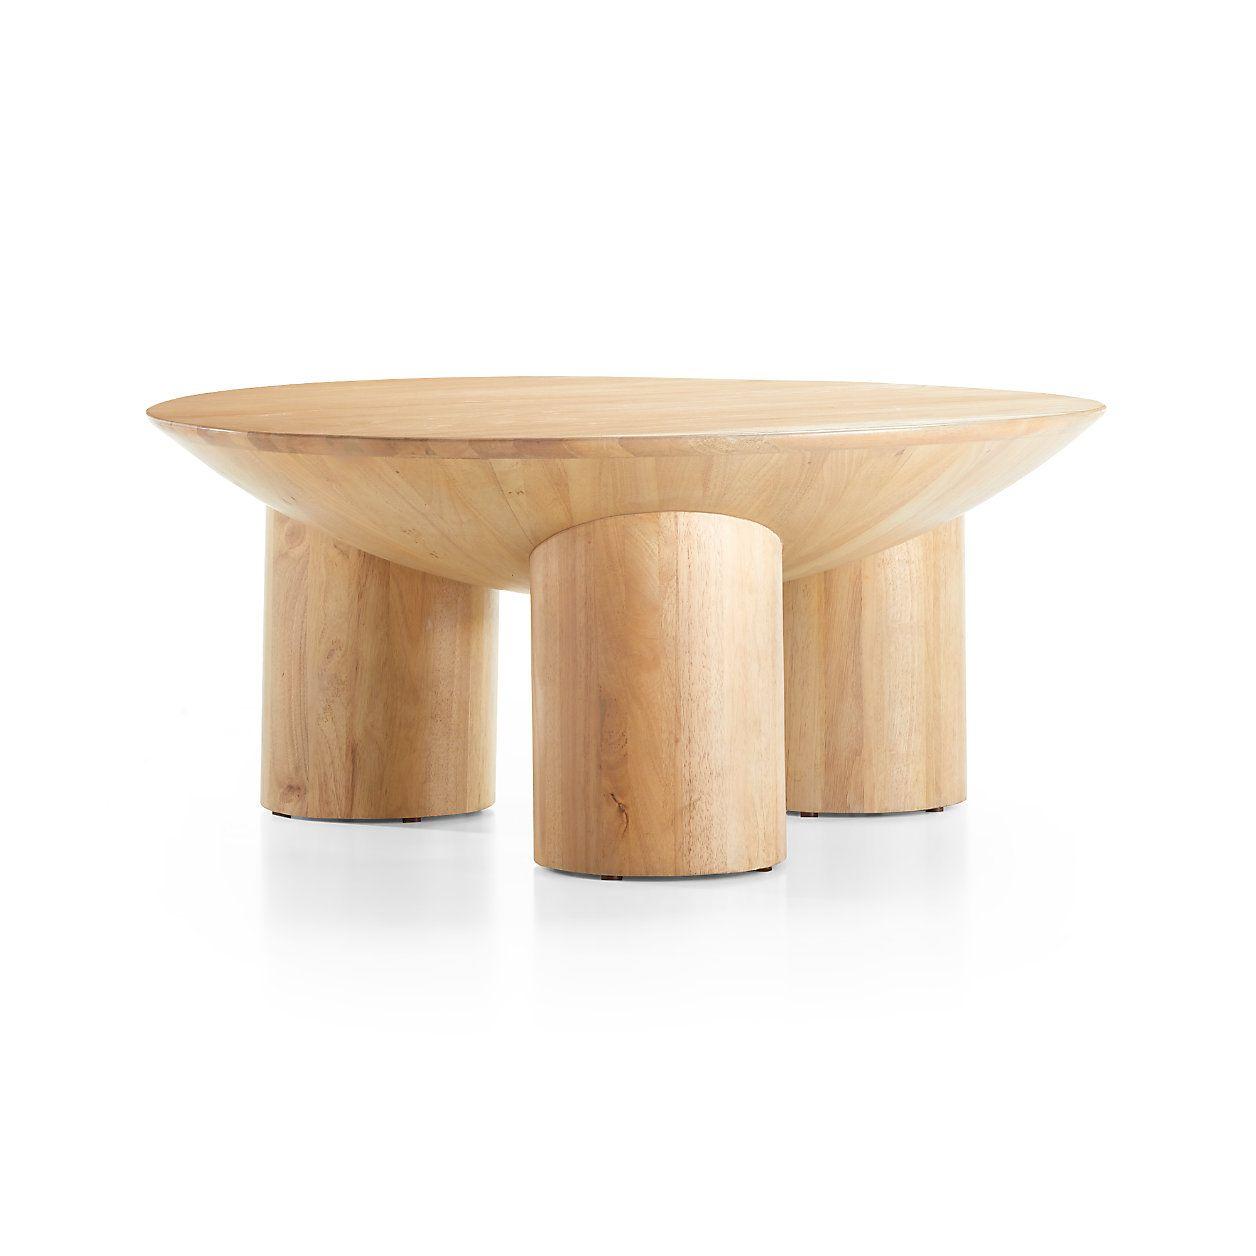 Tom Natural Three Legged Coffee Table Reviews Crate And Barrel Crate And Barrel Coffee Table Crate And Barrel Crates